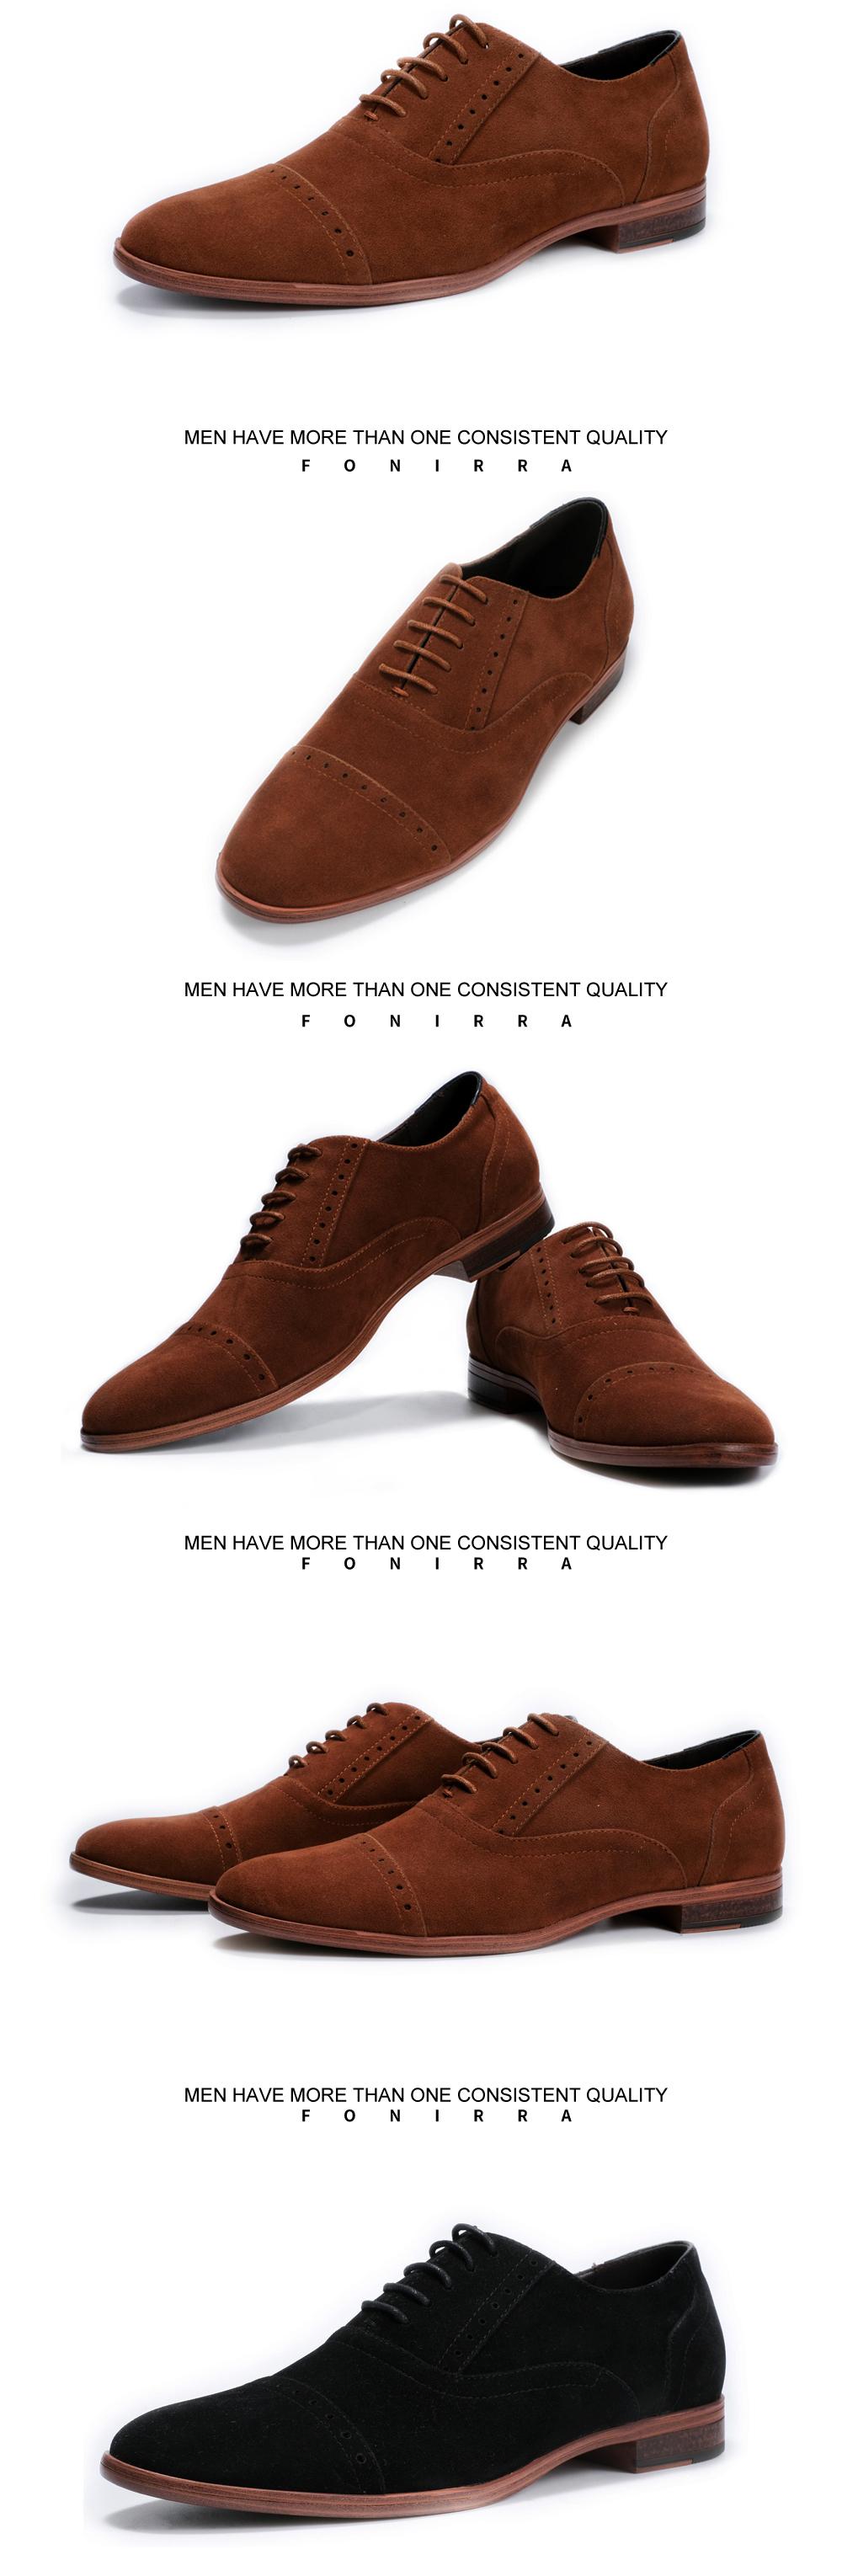 Hombre De Gamuza Casual Vestido Zapatos Últimas Formal Cómodo Zapatos Oxford Buy Zapatos Brogue Para Hombre,Los Últimos Zapatos Formales,Zapatos De